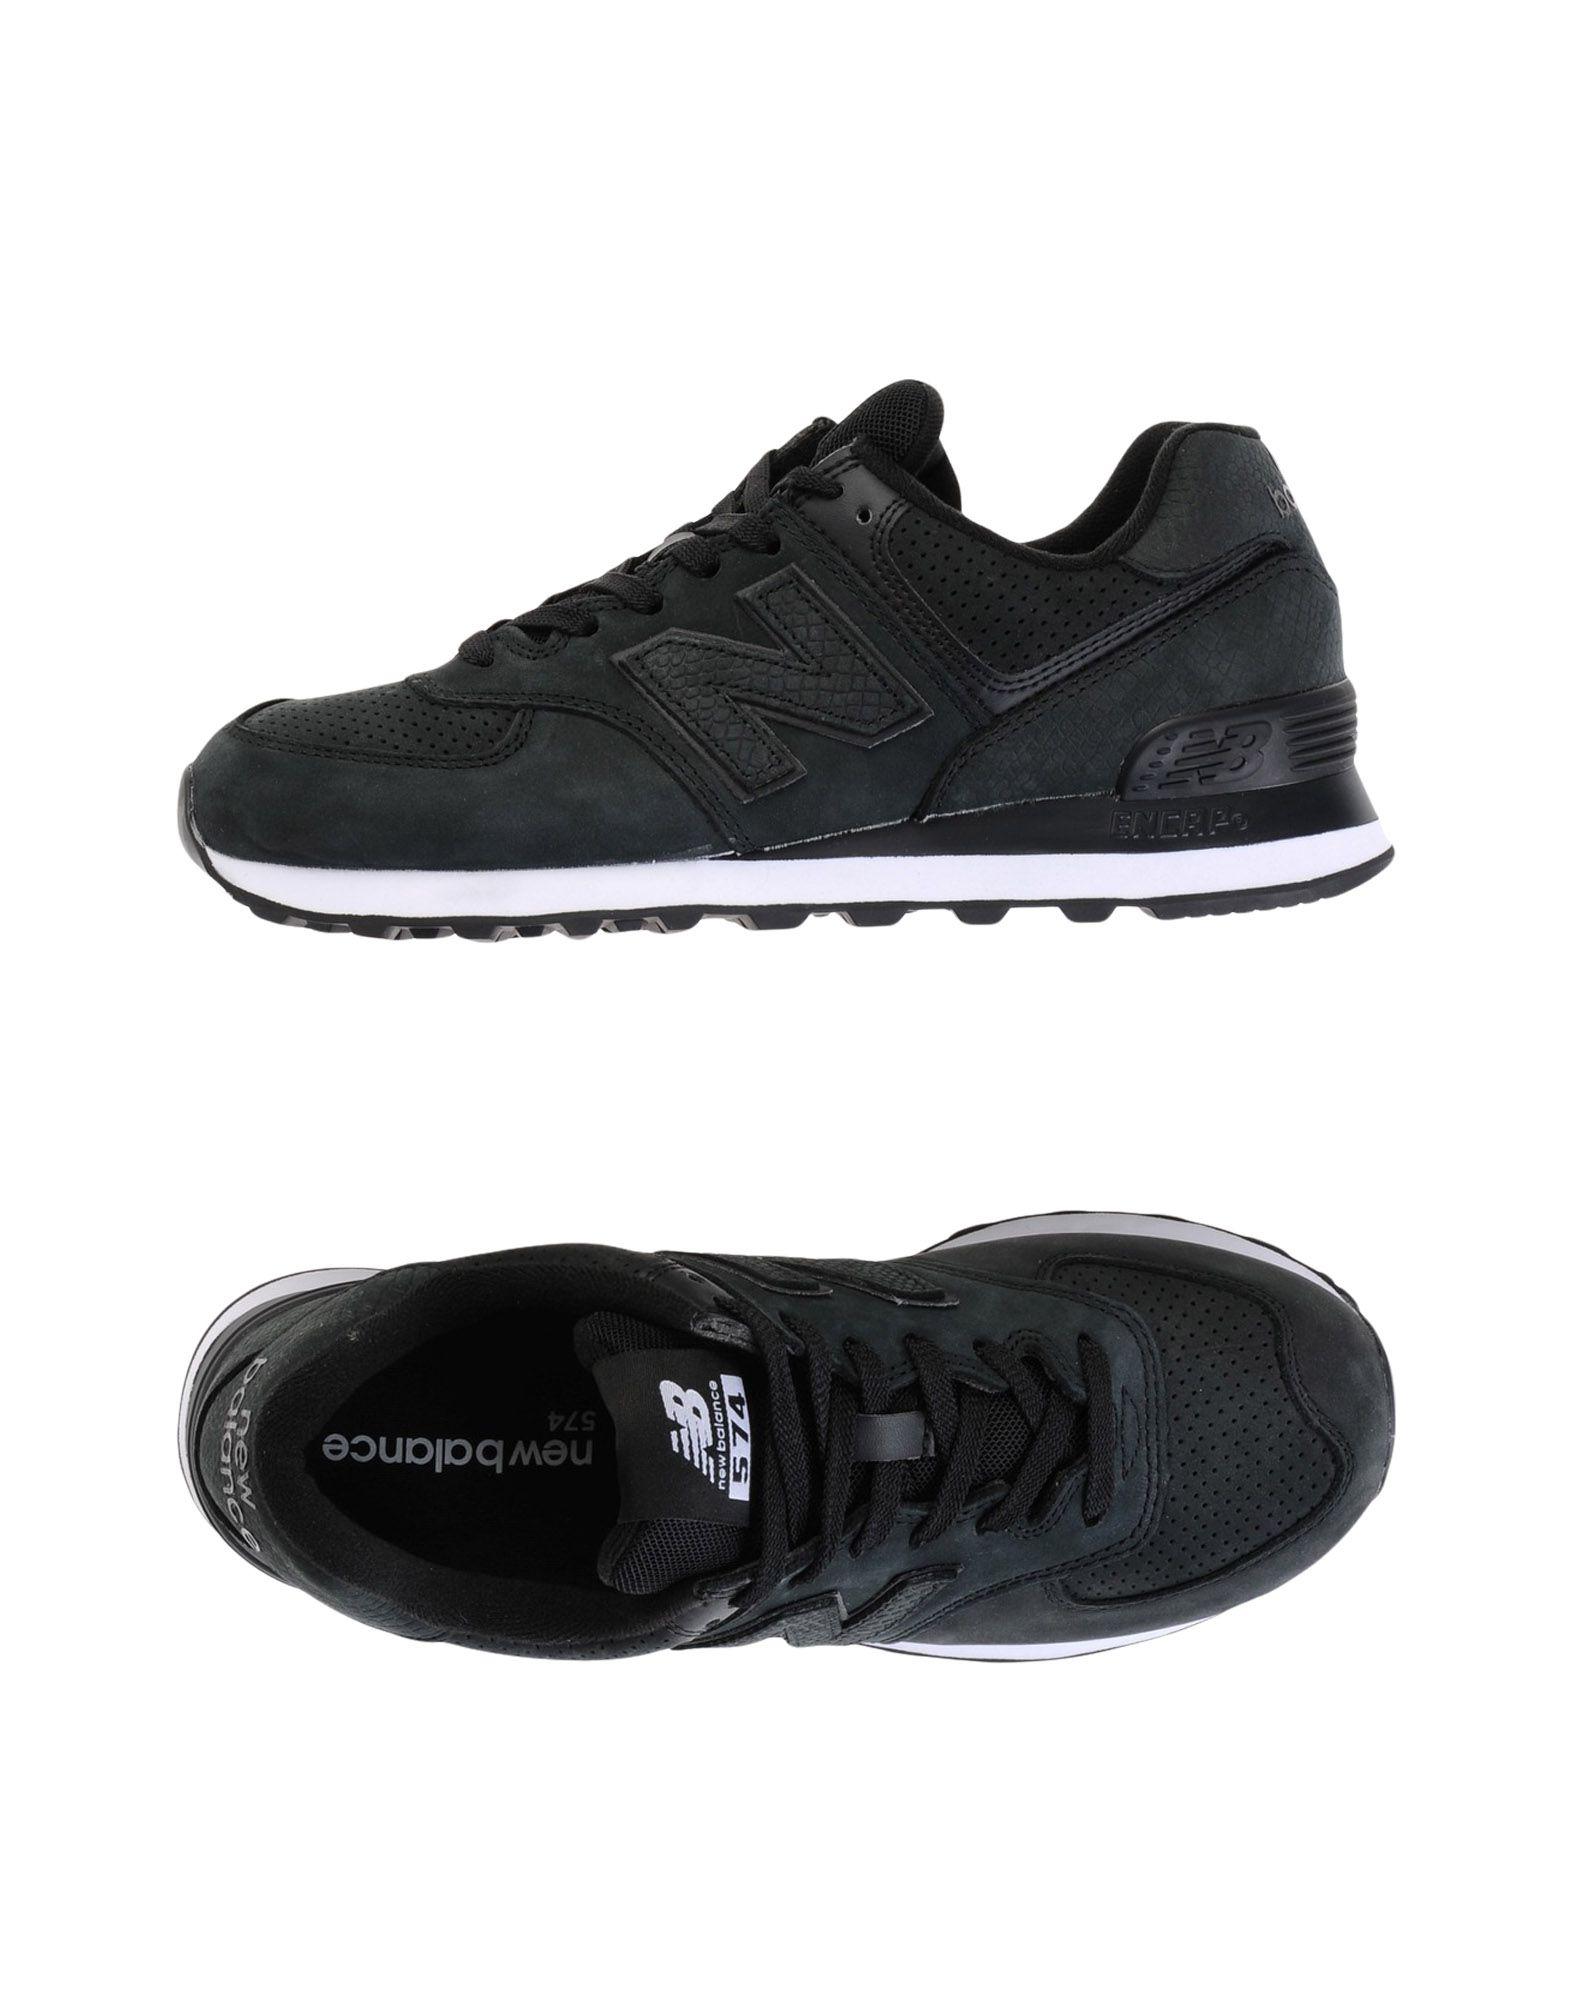 New Balance  574 Reptile Luxe Pack  Balance 11466886SH Gute Qualität beliebte Schuhe ee9d66